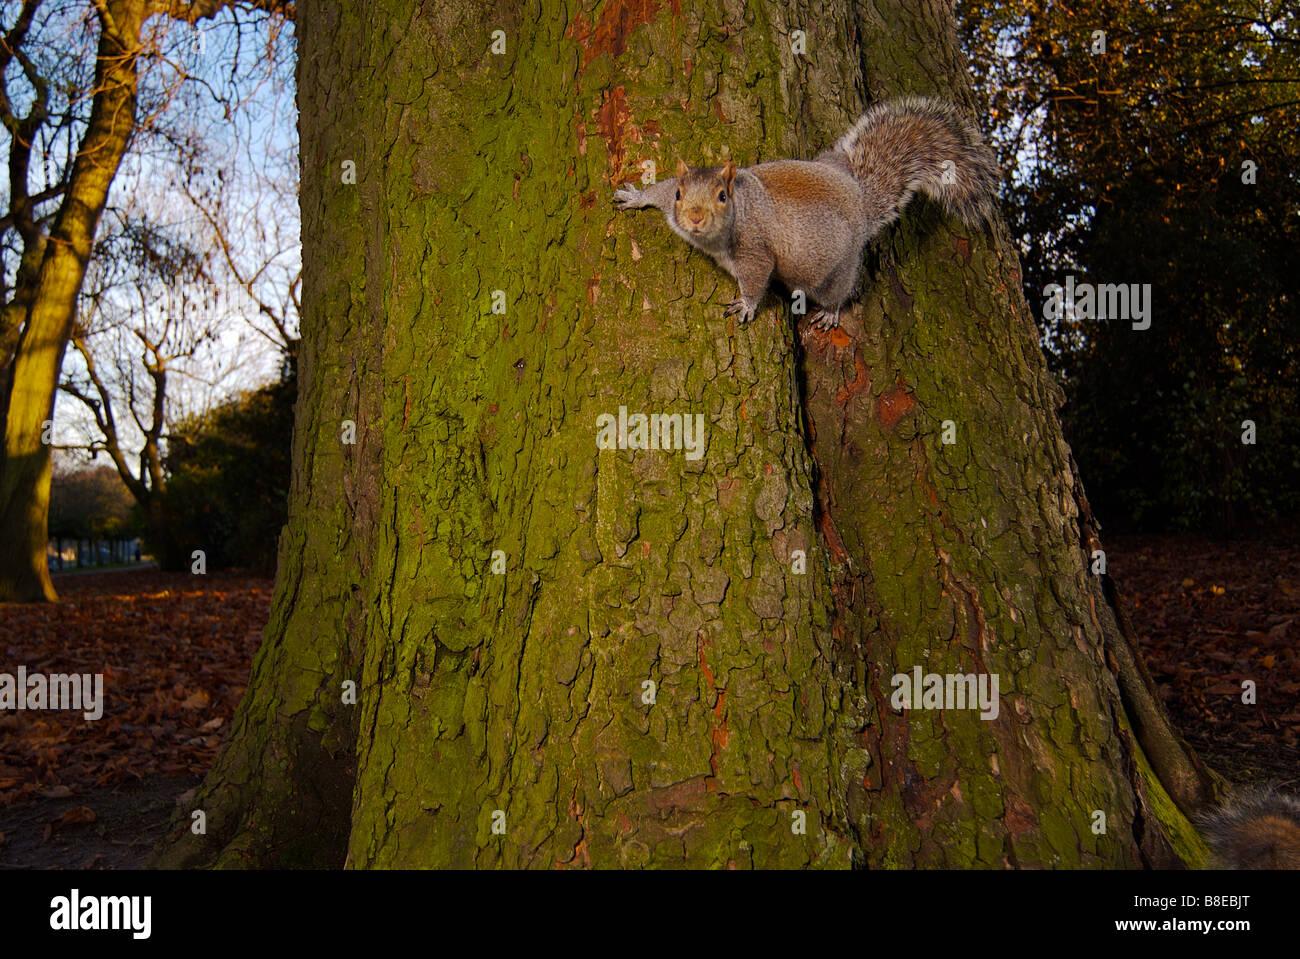 Lo scoiattolo aggrappati ad un tronco di albero Immagini Stock